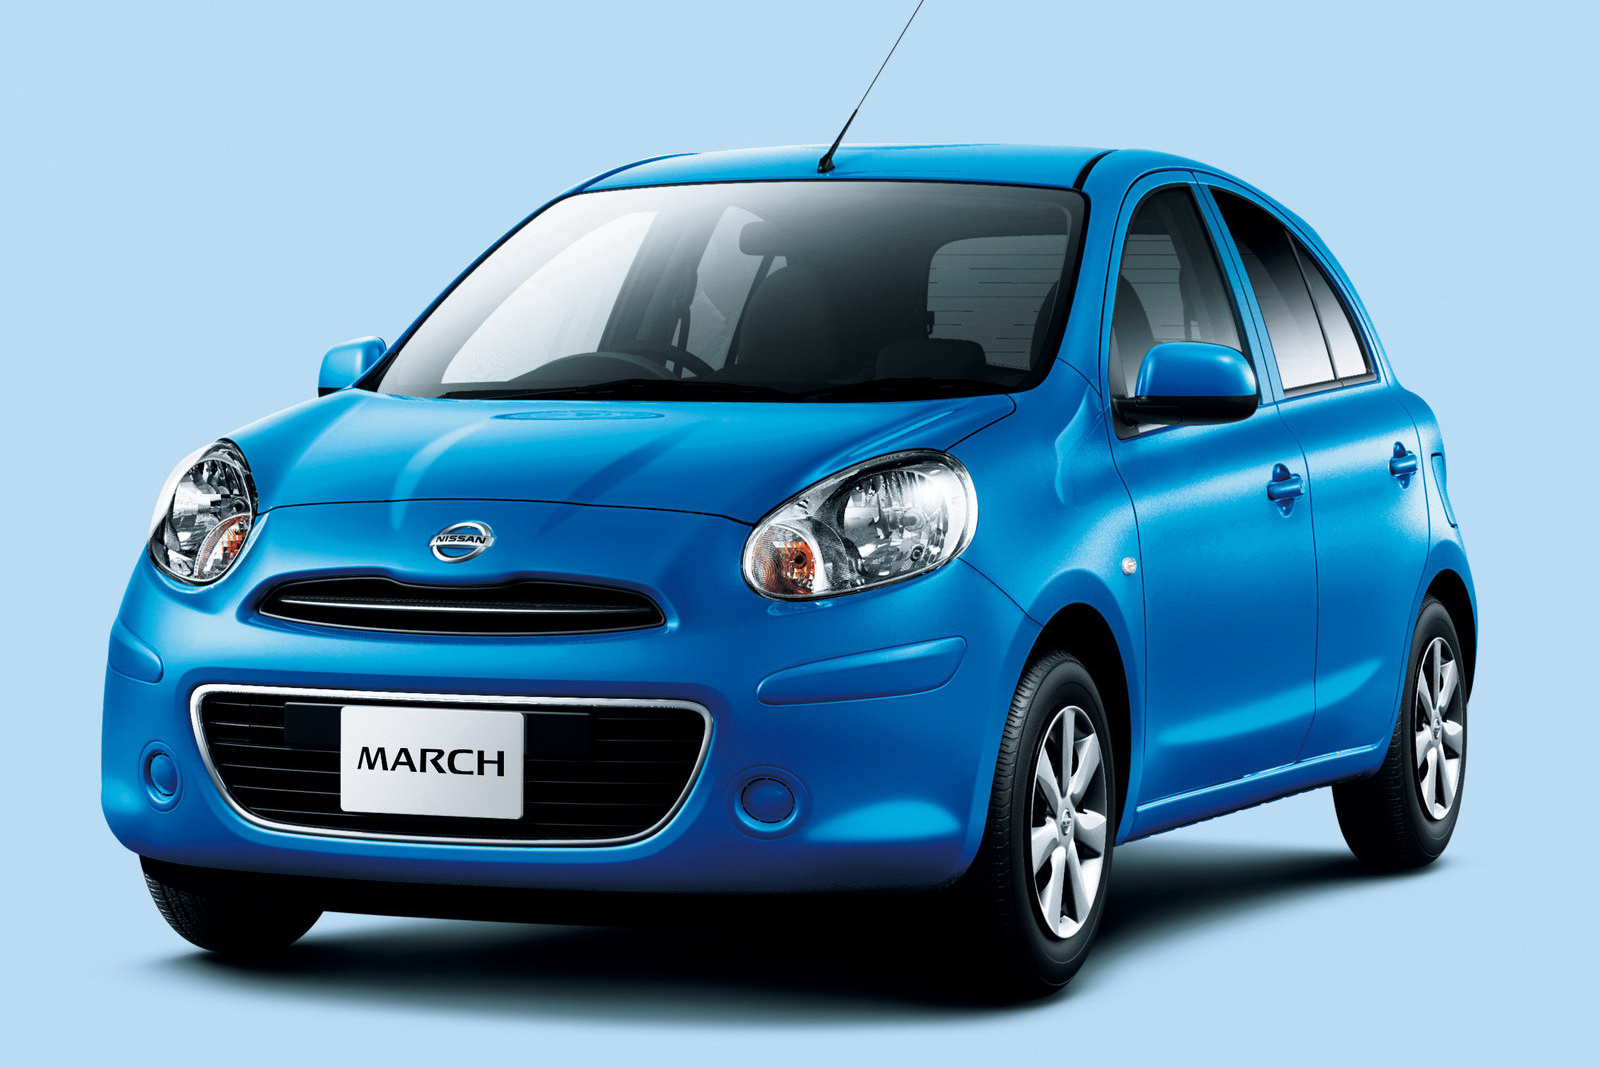 http://4.bp.blogspot.com/_FoXyvaPSnVk/TD278U8fafI/AAAAAAADETw/zzQLJov8ltk/s1600/2011-Nissan-March-18.JPG